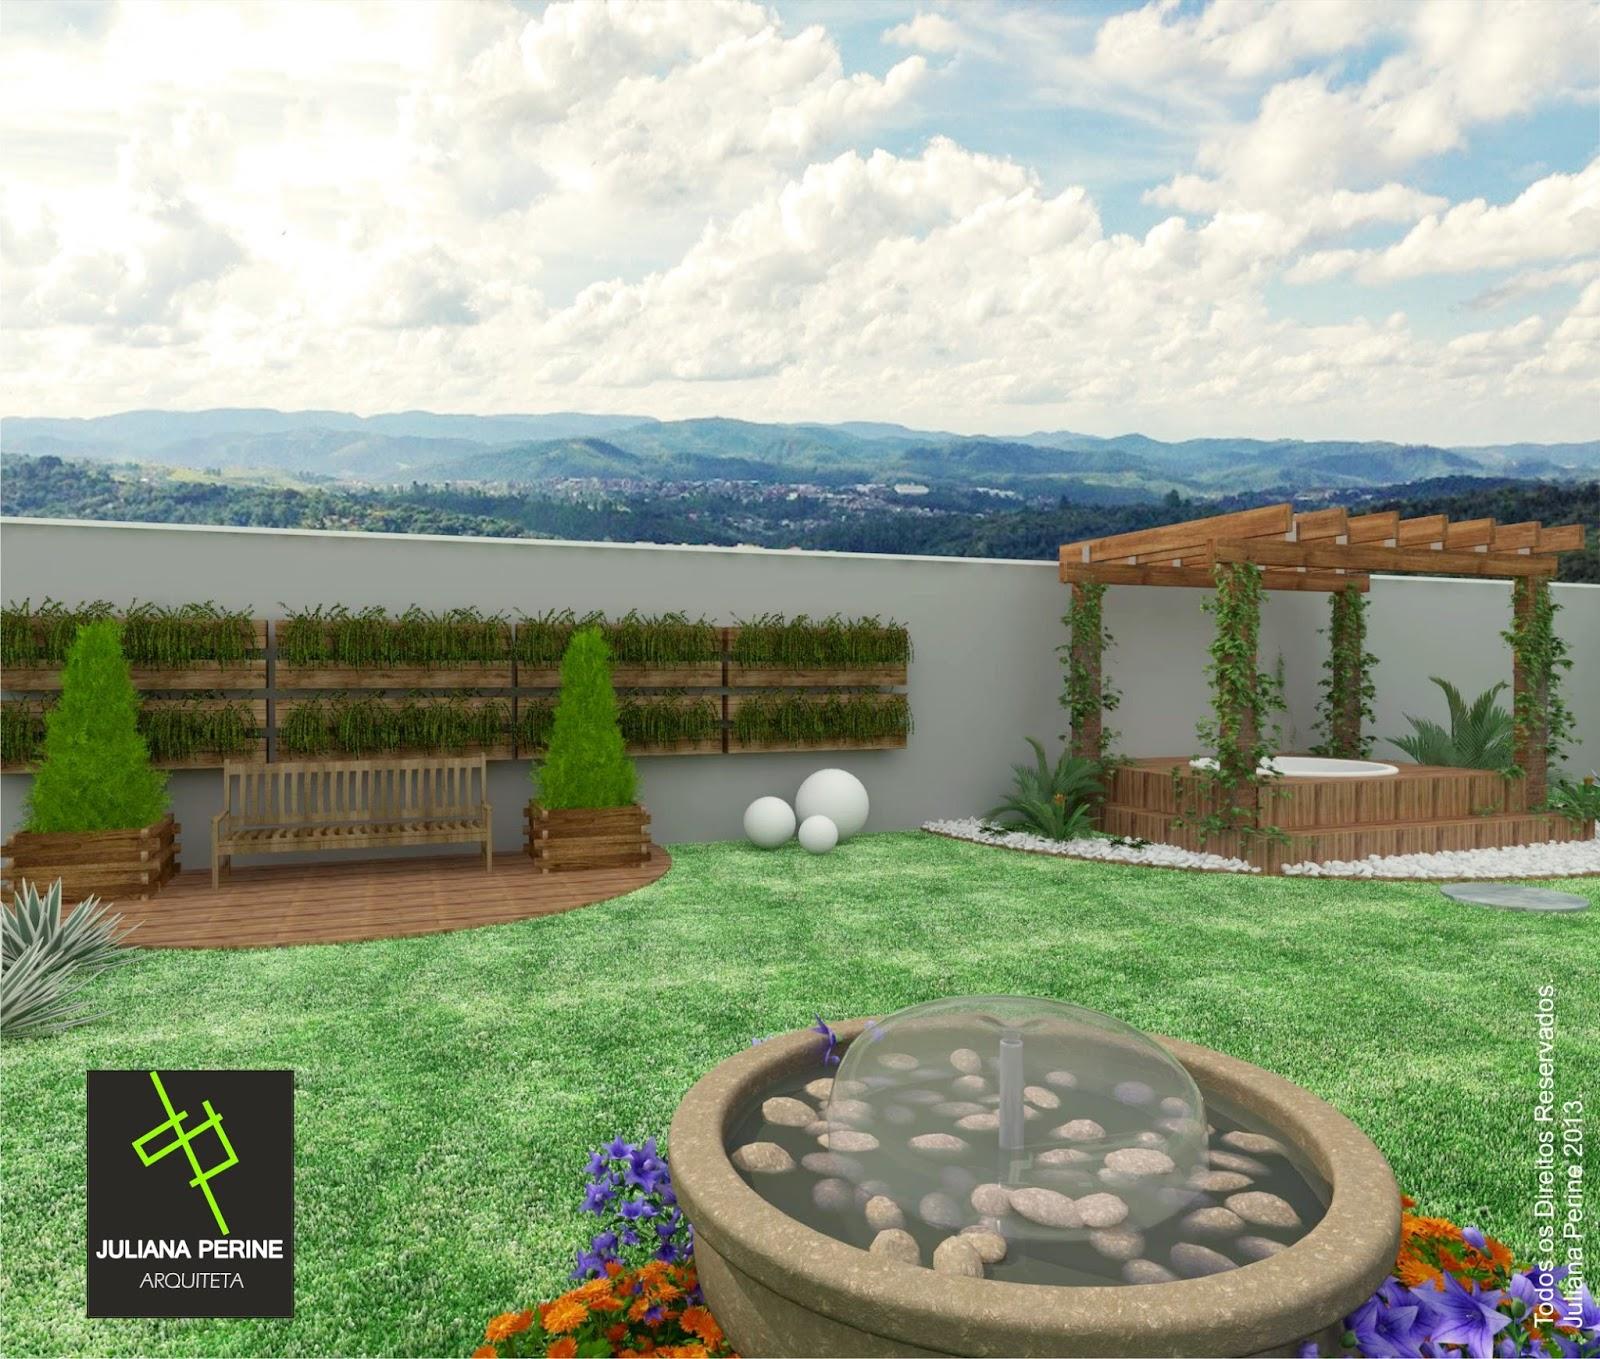 projeto de ofuro no jardim: Moderno x Sustentável [Projeto Residencial em Piracicaba-SP